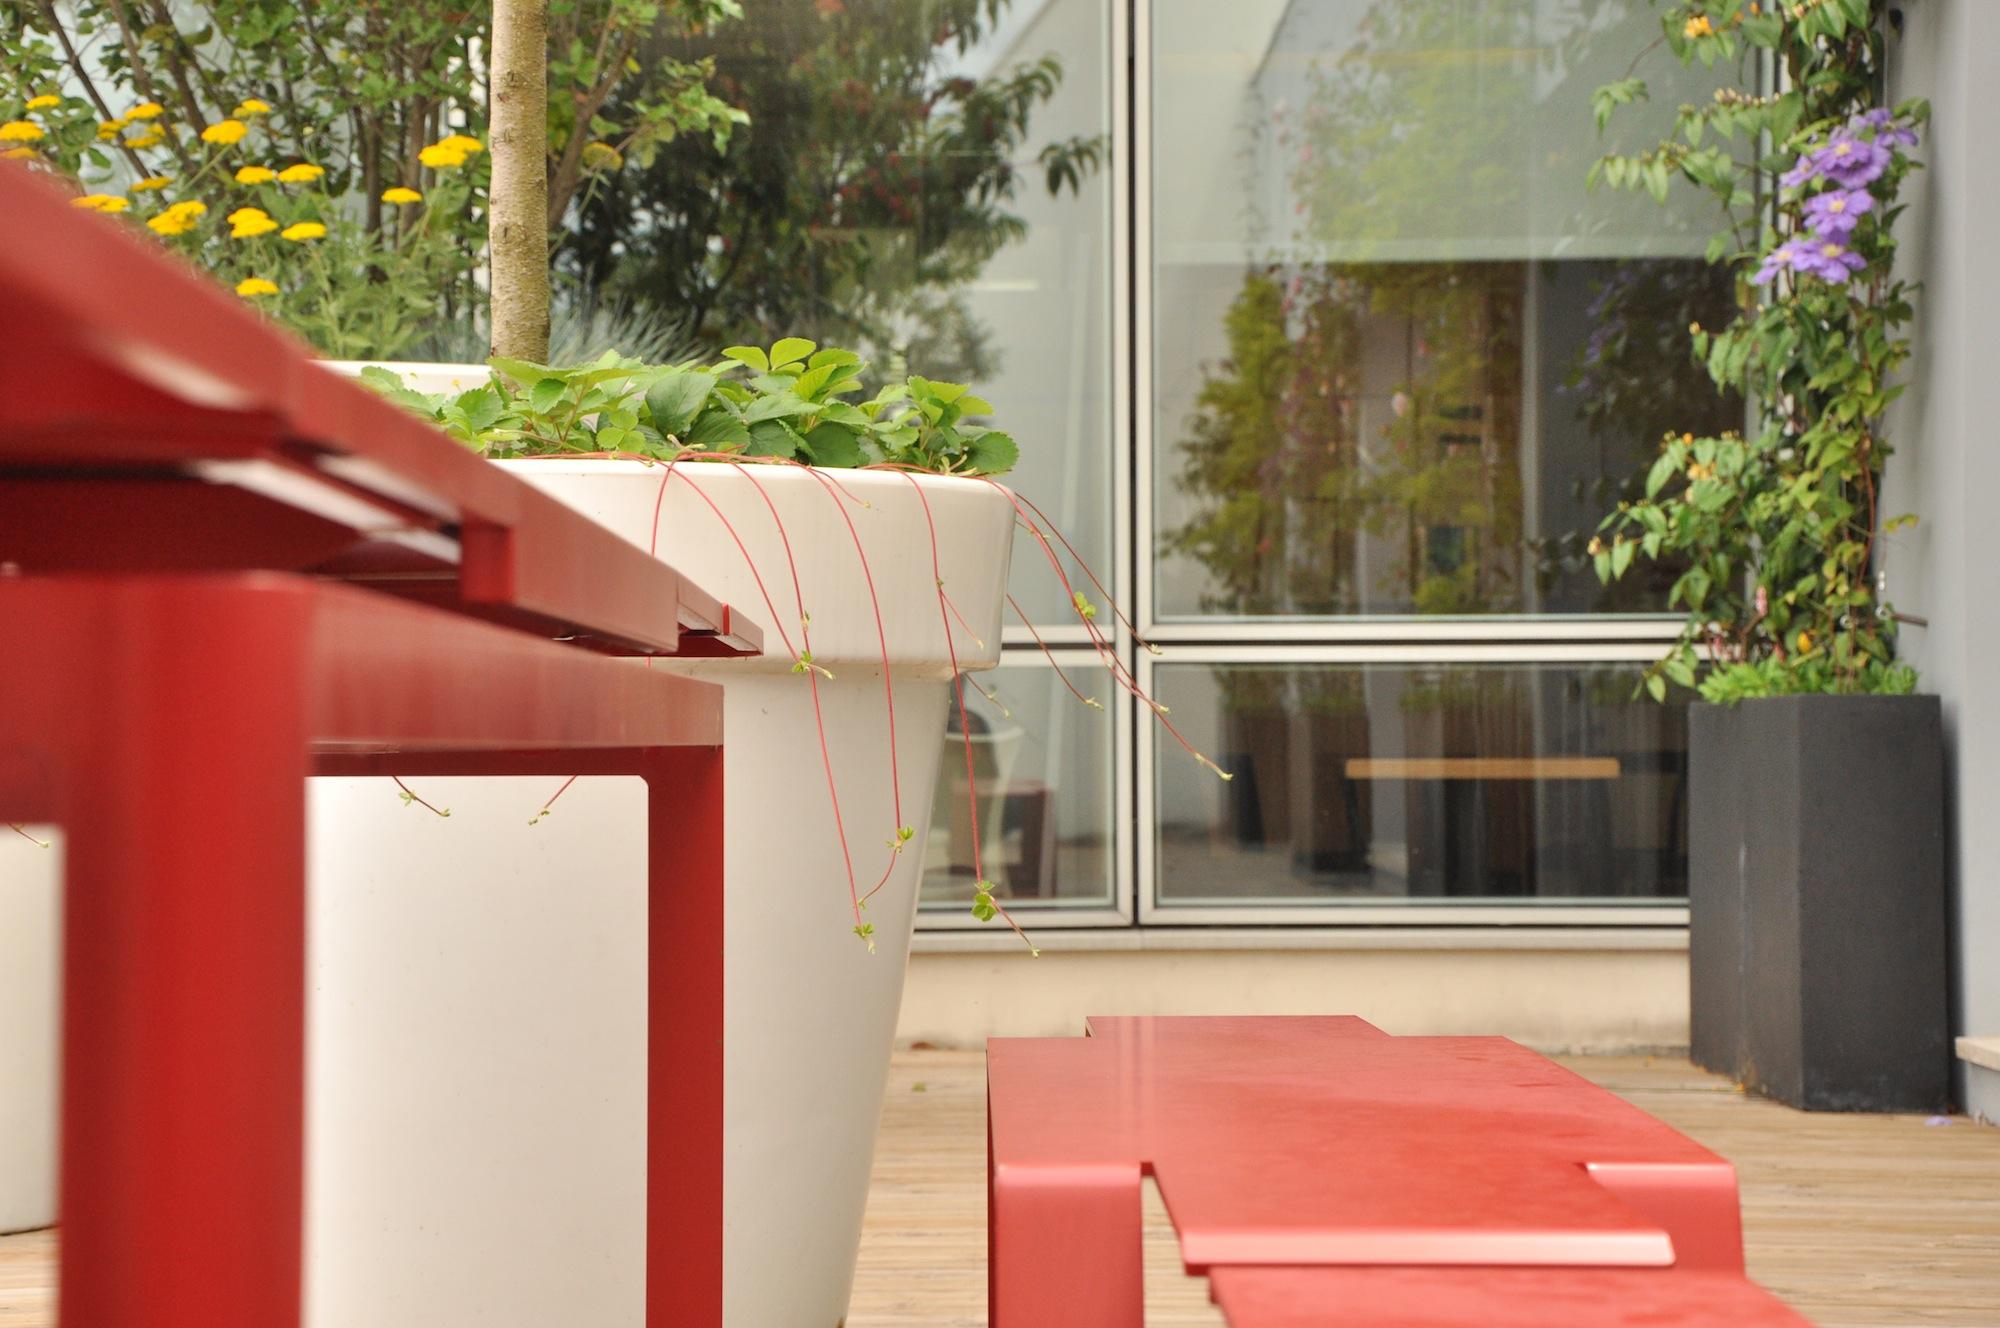 atelier dlv paysagiste concepteur paris bertrand de la vieuville terrasse des sens groupe. Black Bedroom Furniture Sets. Home Design Ideas